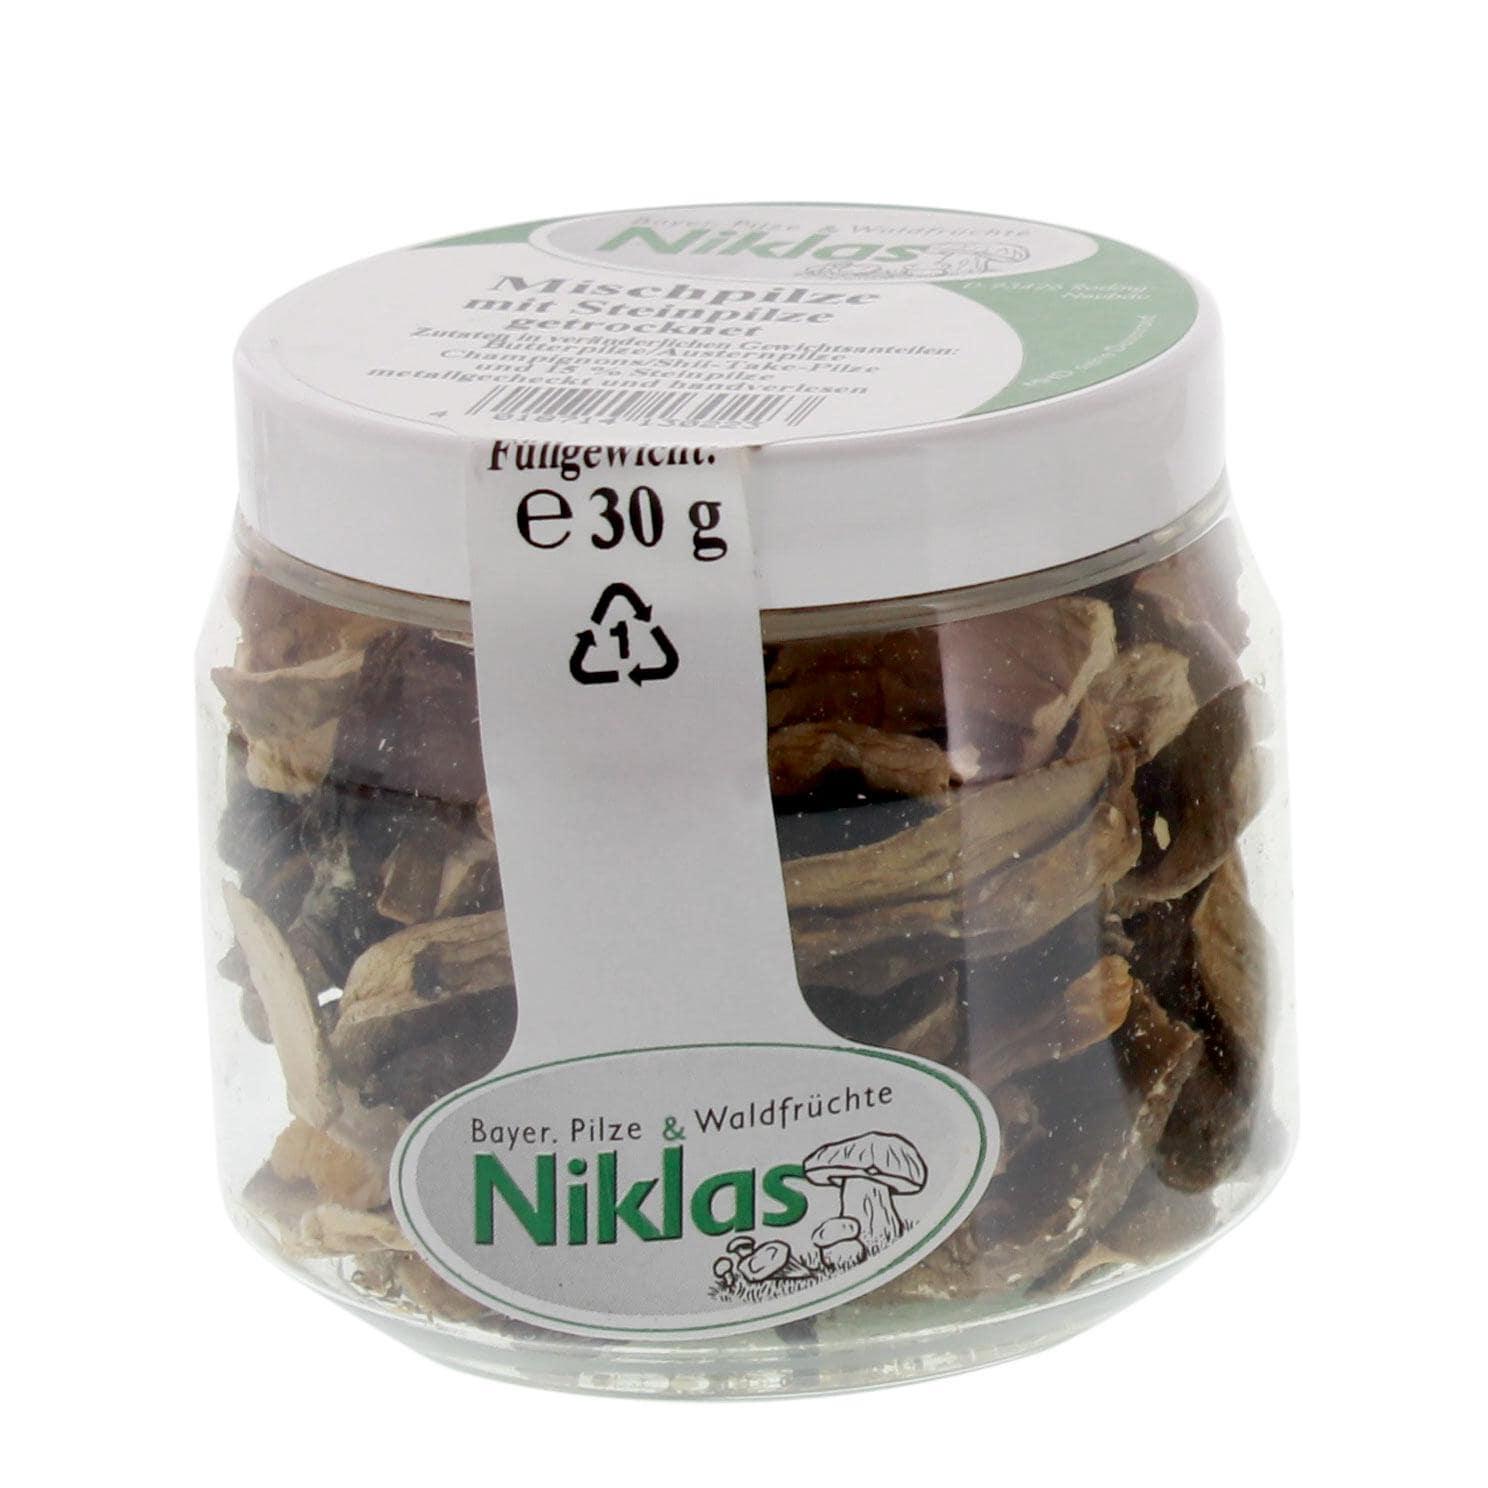 Niklas - Mischpilze mit Steinpilze getrocknet - 30g